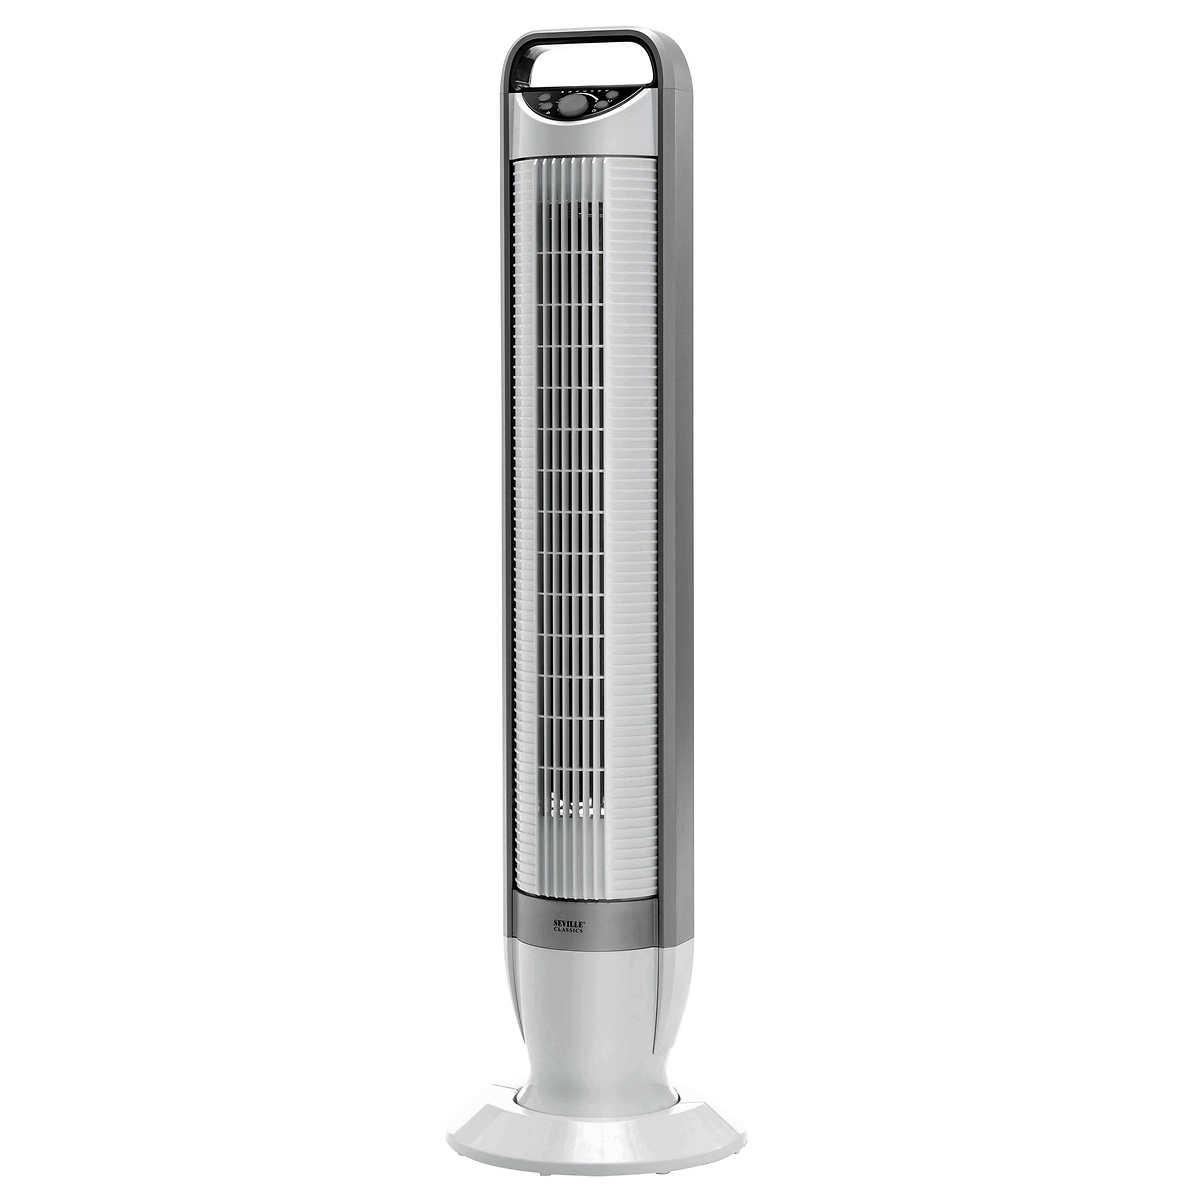 Seville Classics Energy Saving Tilt Tower Fan